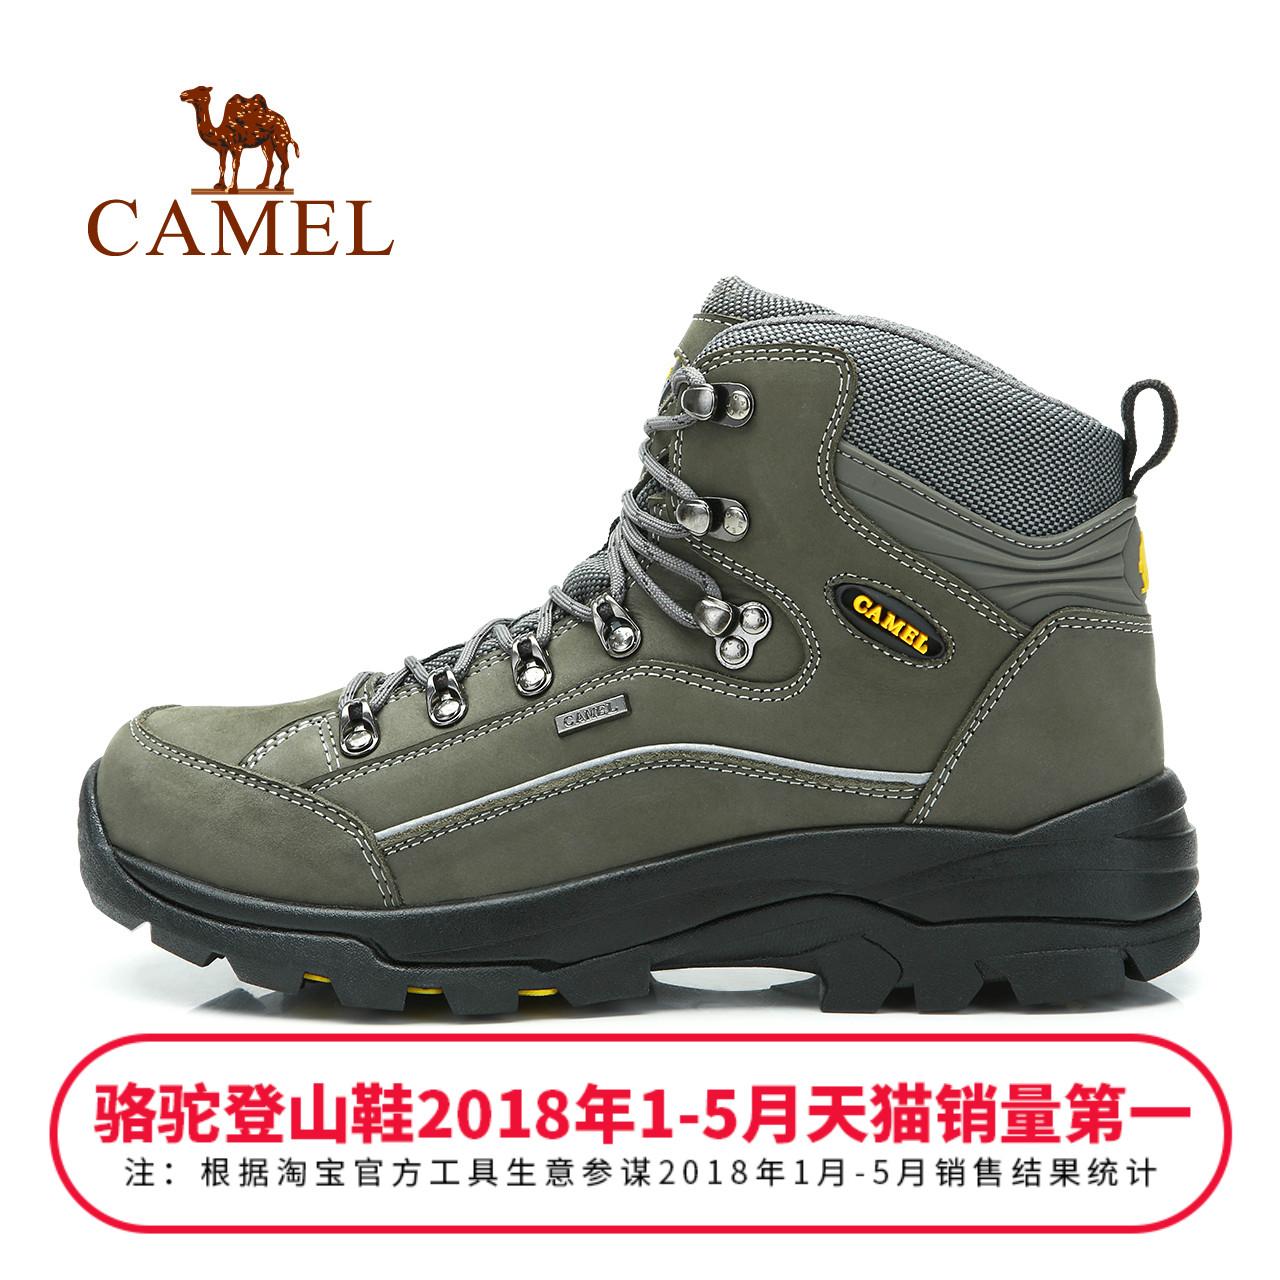 【热销3千双】骆驼户外登山鞋 男女高帮减震耐磨头层牛皮徒步鞋